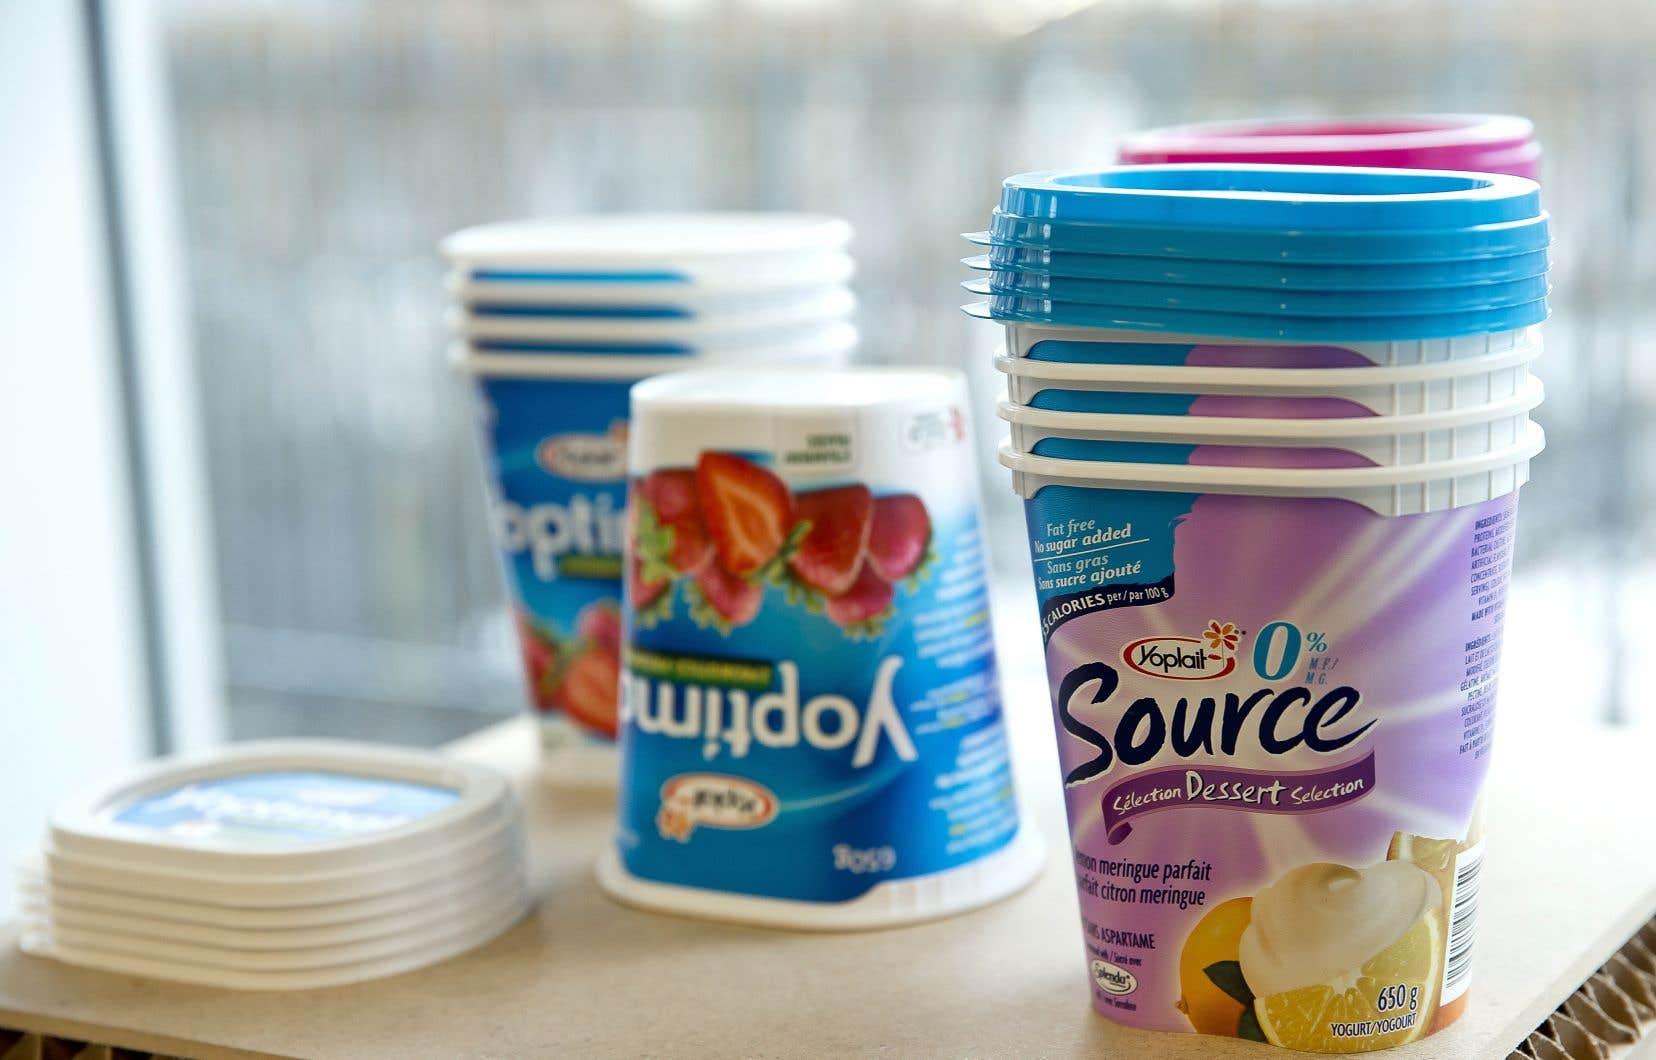 En 2009, Aliments Ultima bouscule les codes dans le secteur de l'emballage grâce à un pot de yogourt révolutionnaire — oblongue plutôt que rond — conçu par Michel Dallaire.